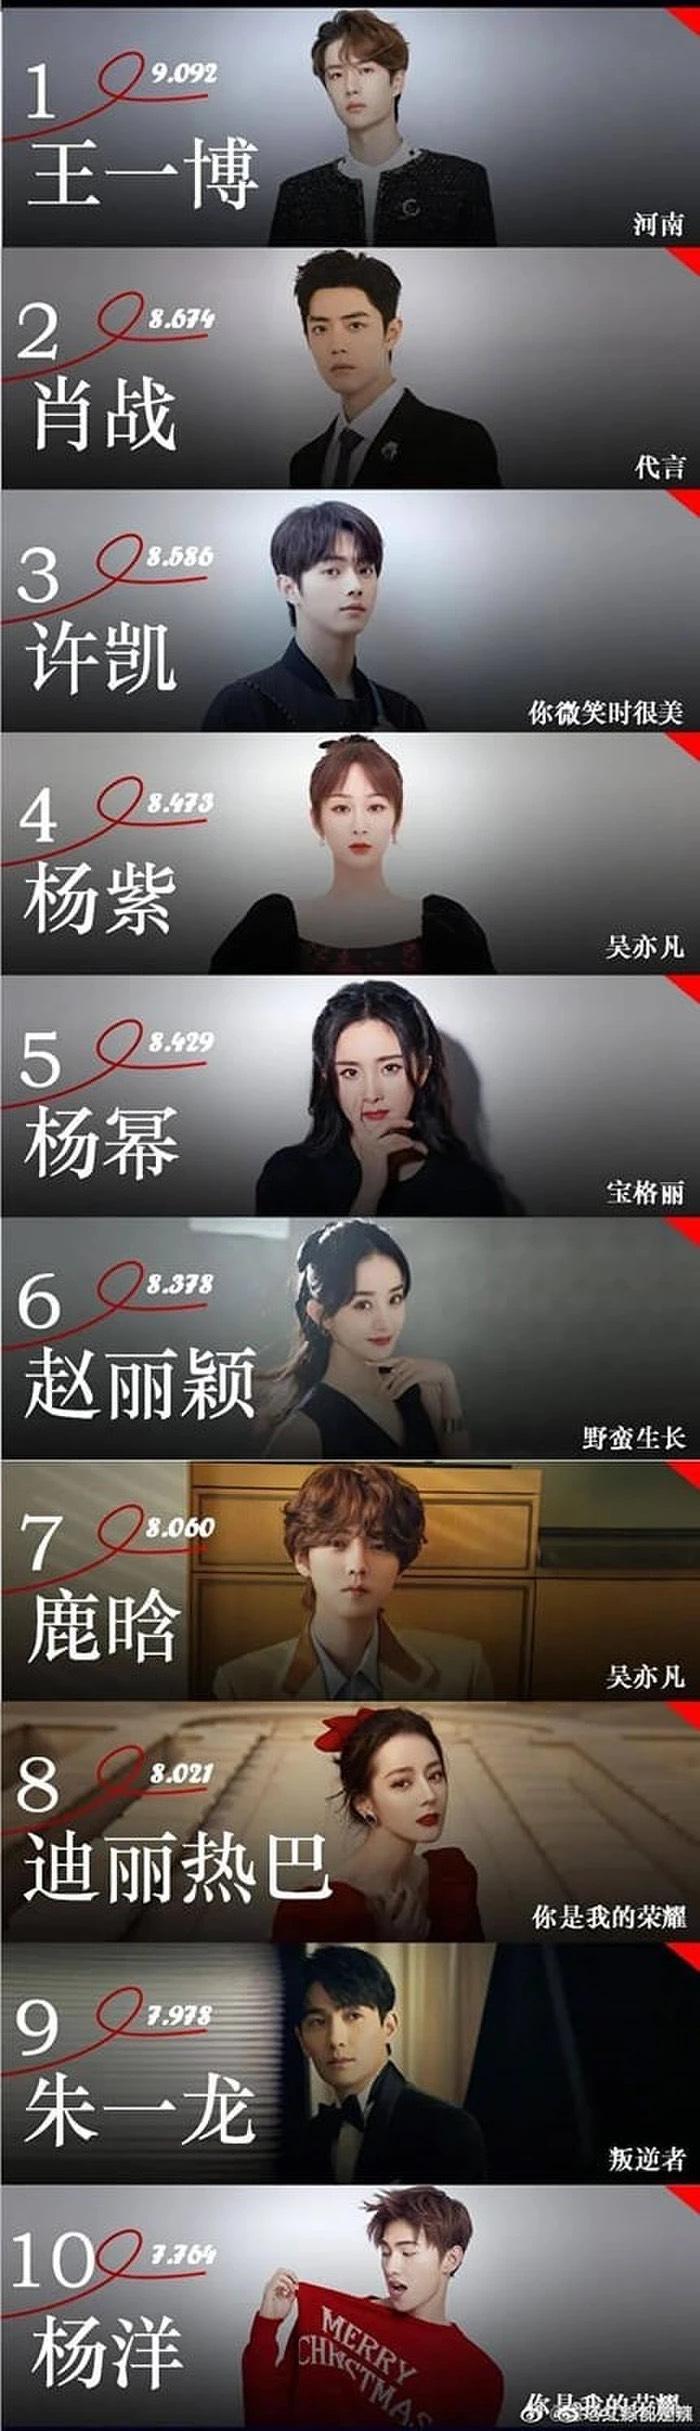 BXH 10 sao Hoa ngữ có sức ảnh hưởng khủng nhất Internet tháng 7: Nhất Bác Tiêu Chiến 'đội sổ', số 7 hưởng lợi 6